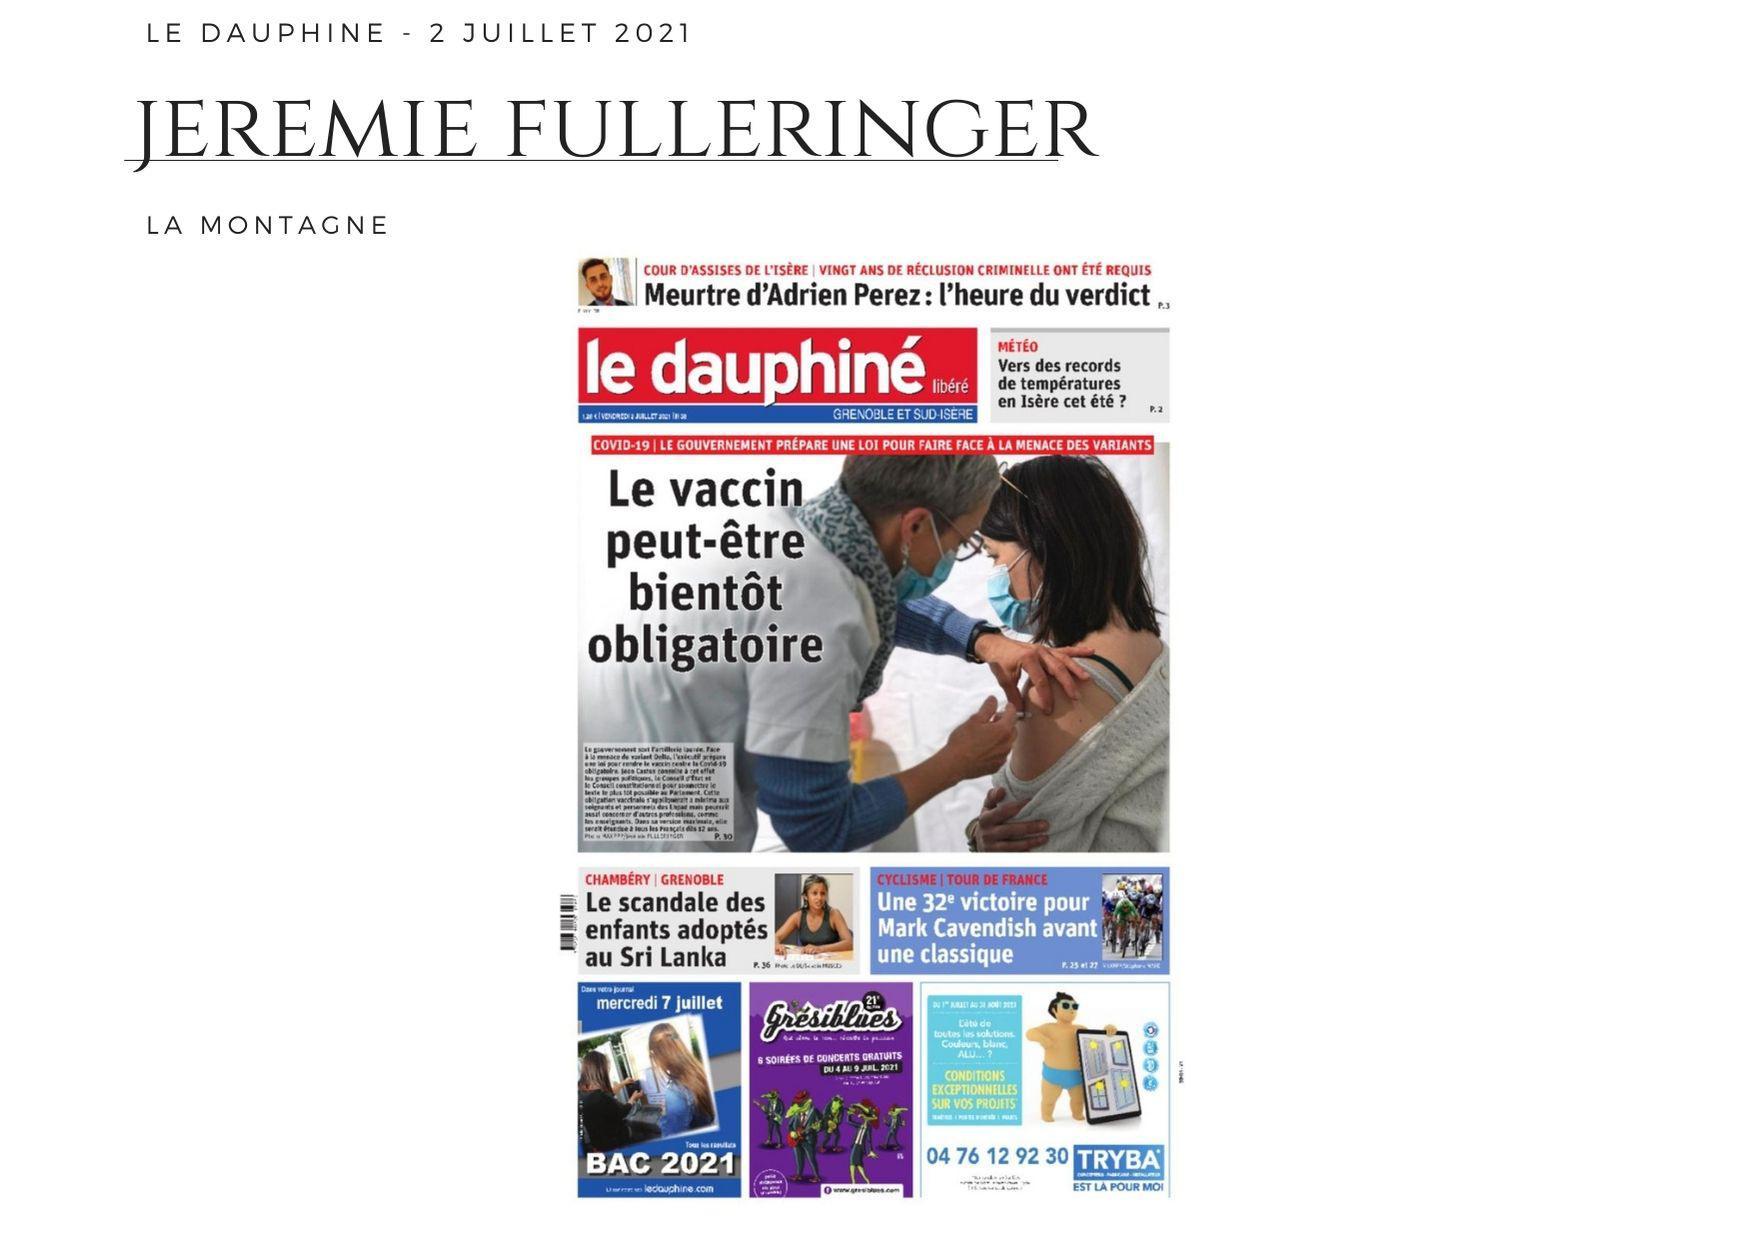 Le Dauphiné - 2 juillet 2021